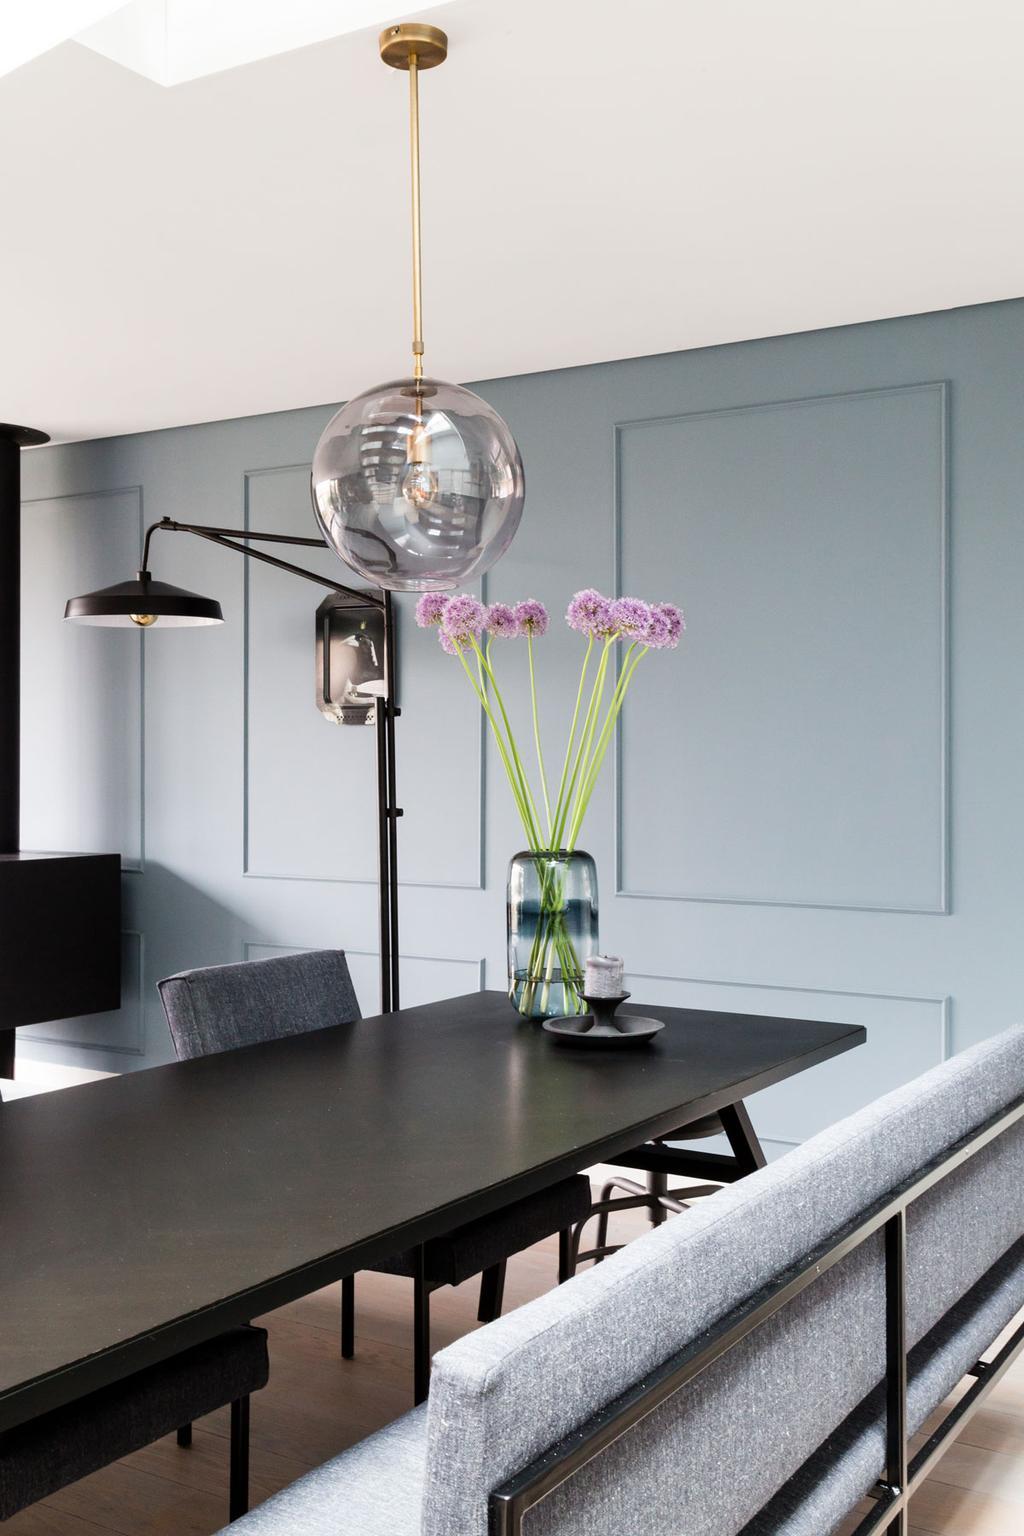 Zwarte eettafel, lamp, grijze eetkamerbank, blauwe muur